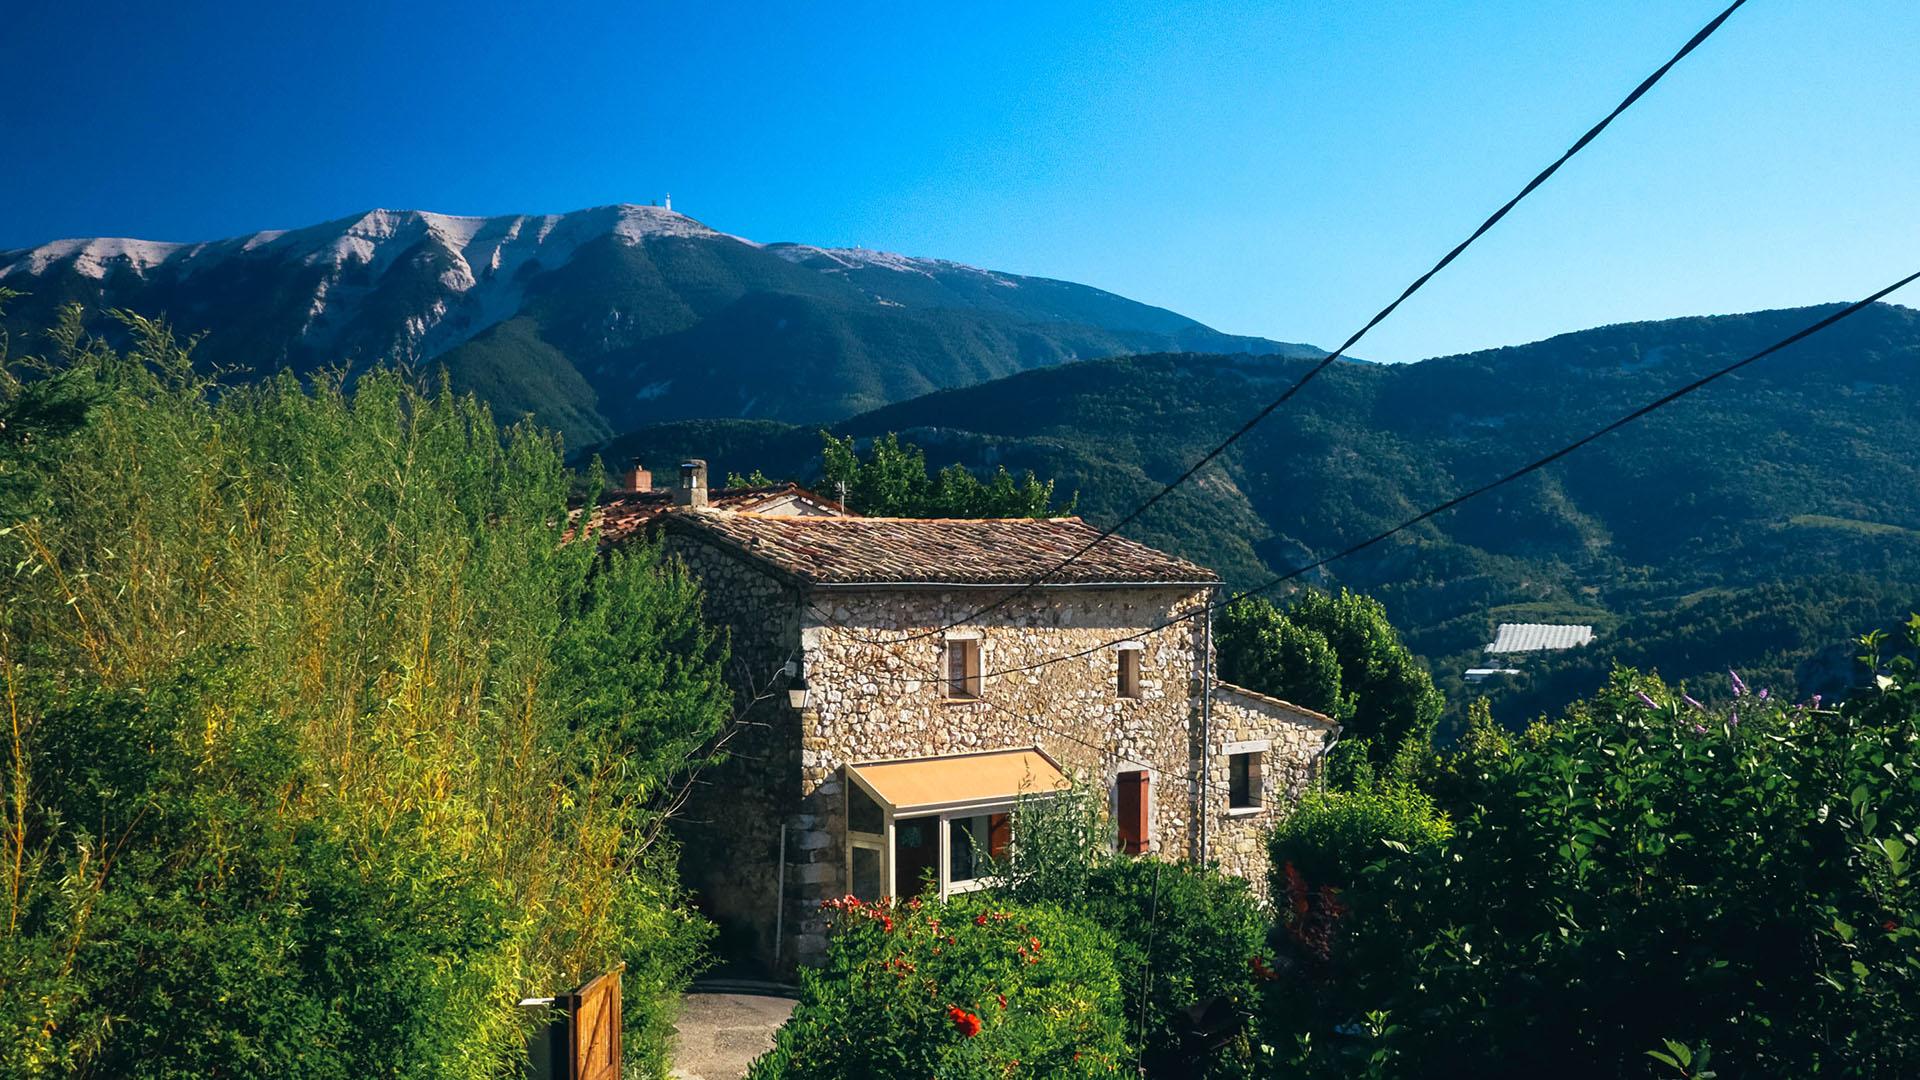 Vue sur le mont Ventoux depuis les Baronnies provençales